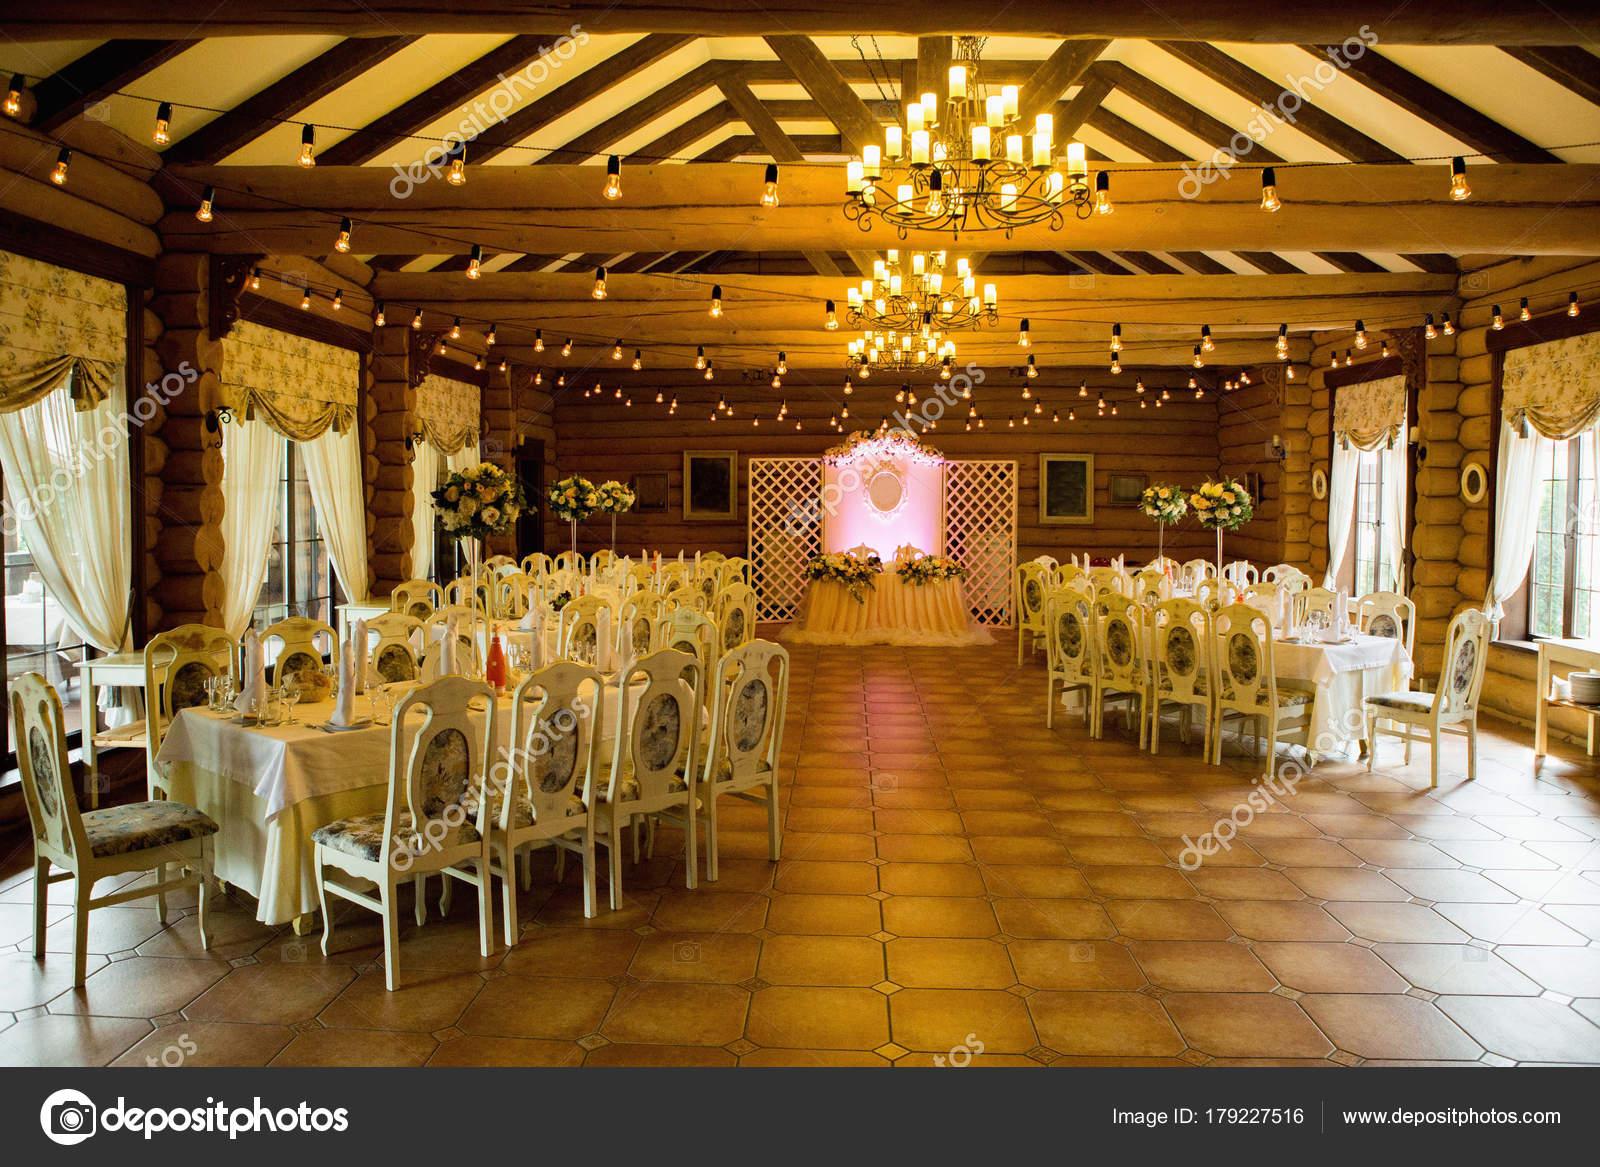 Restaurant Fur Eine Hochzeitsfeier Stockfoto C Scharfsinn 179227516